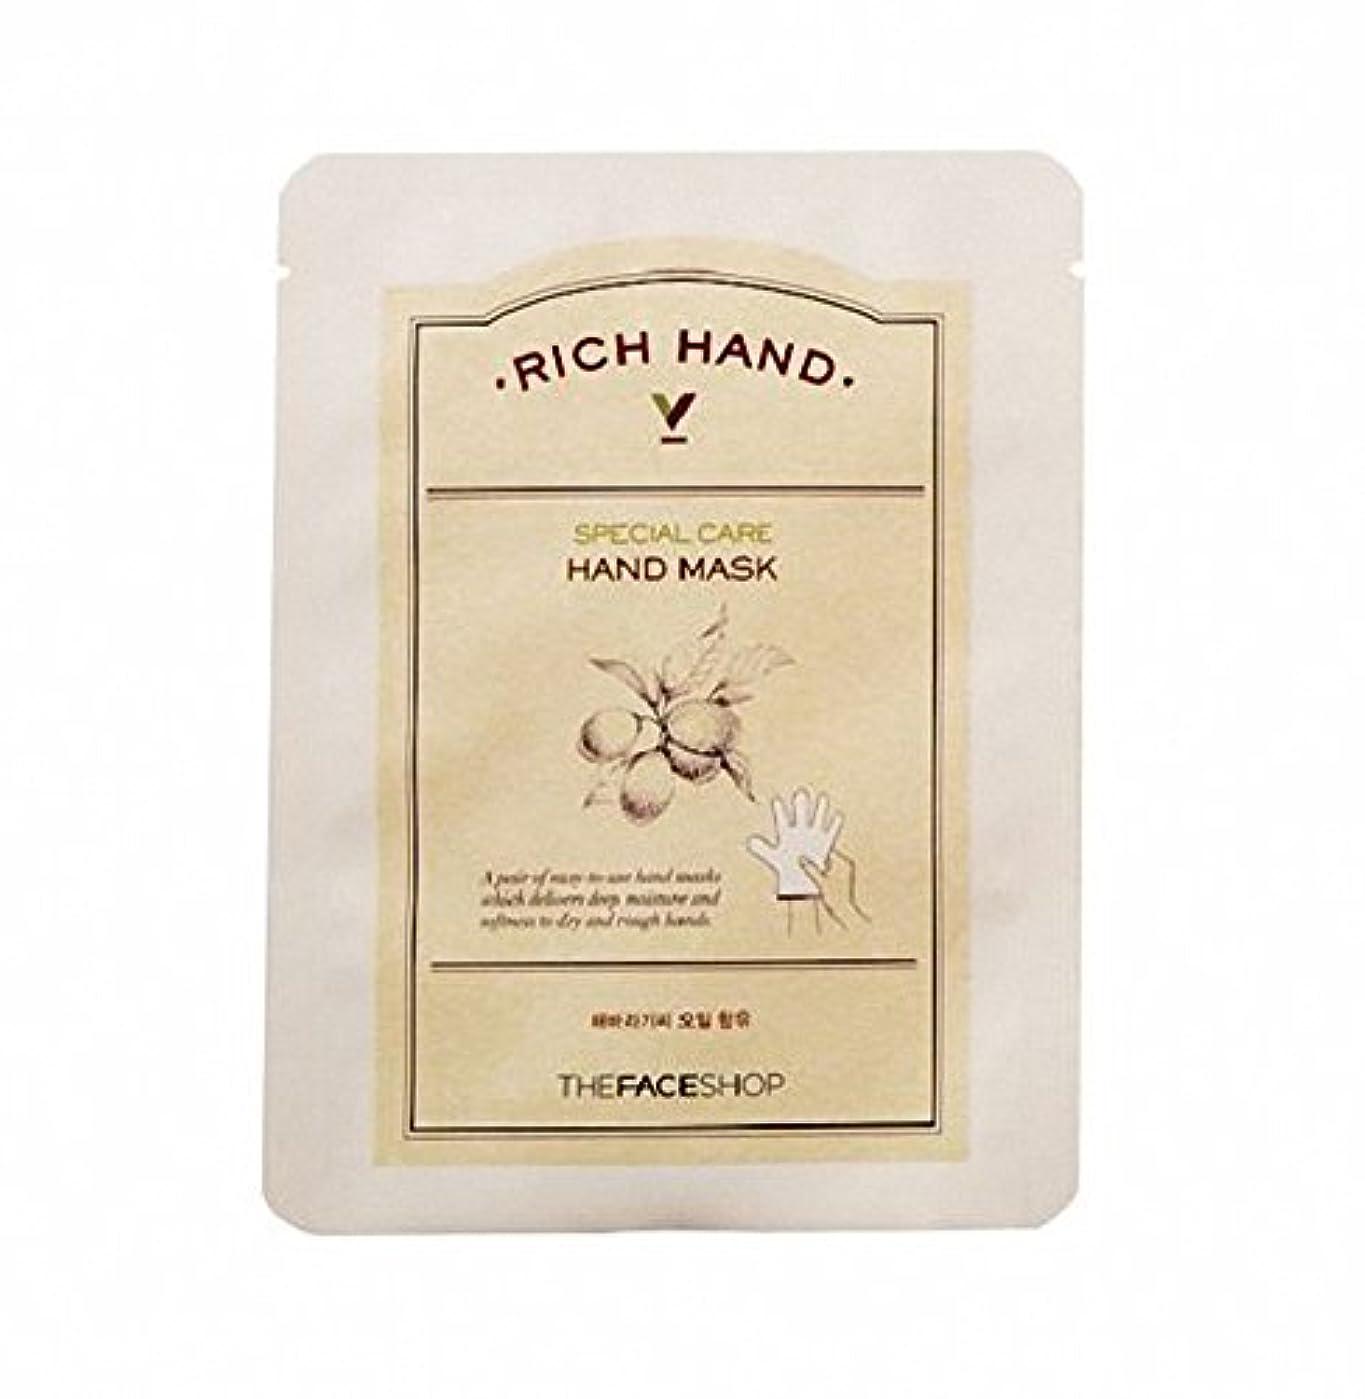 将来の代替案分注する[ザ·フェイスショップ The Face Shop]  リッチ ハンド V スペシャルケア ハンドマスク (3枚) Rich Hand V Special Care Hand Mask (3 Sheet) 韓国コスメ[海外直送品]